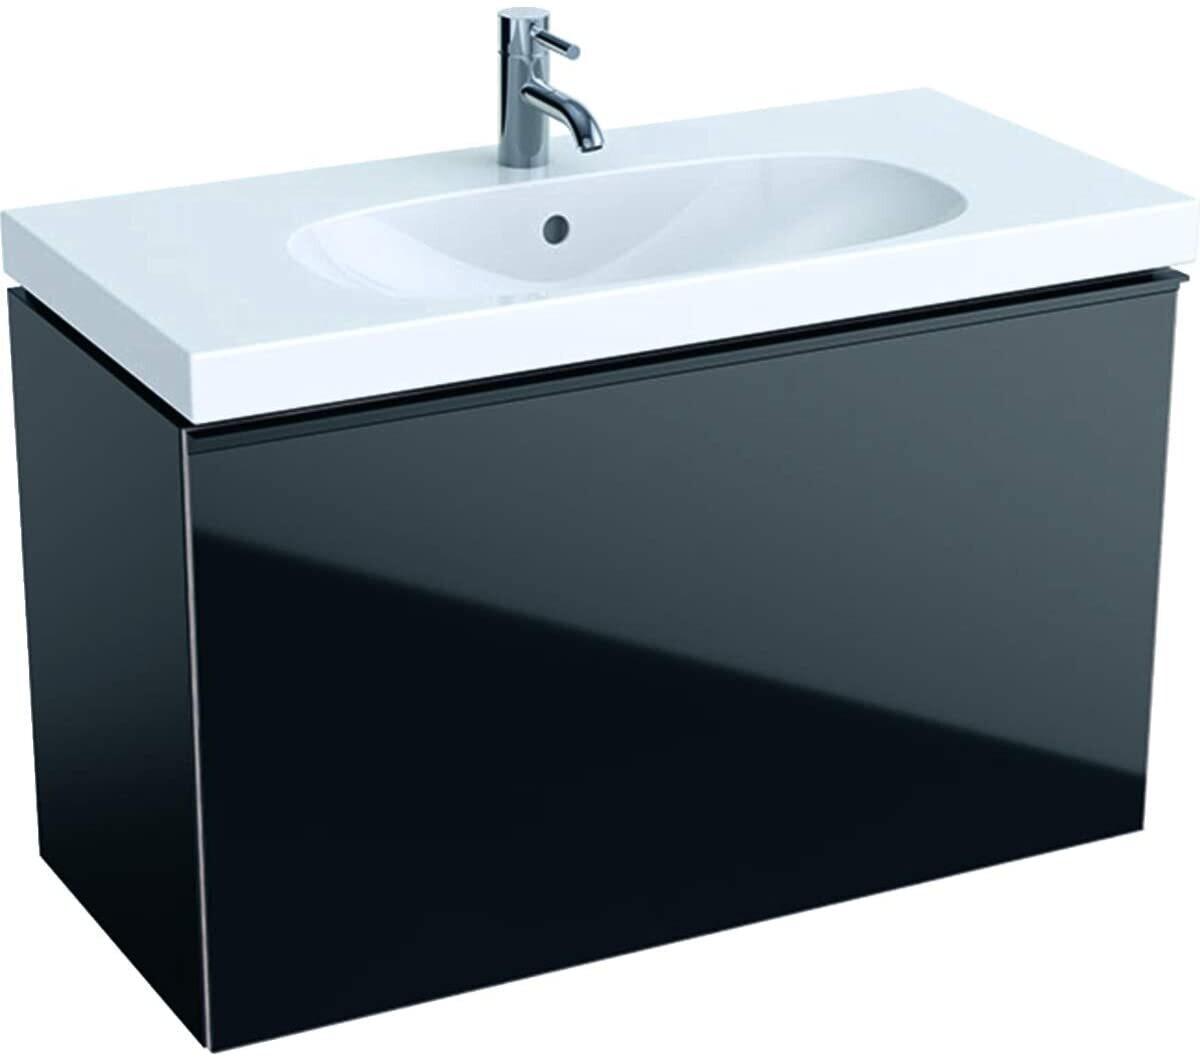 Meuble bas Geberit Acanto pour lavabo 90 cm avec un tiroir intérieur en noir laqué mat et un tiroirs noir verre brillant